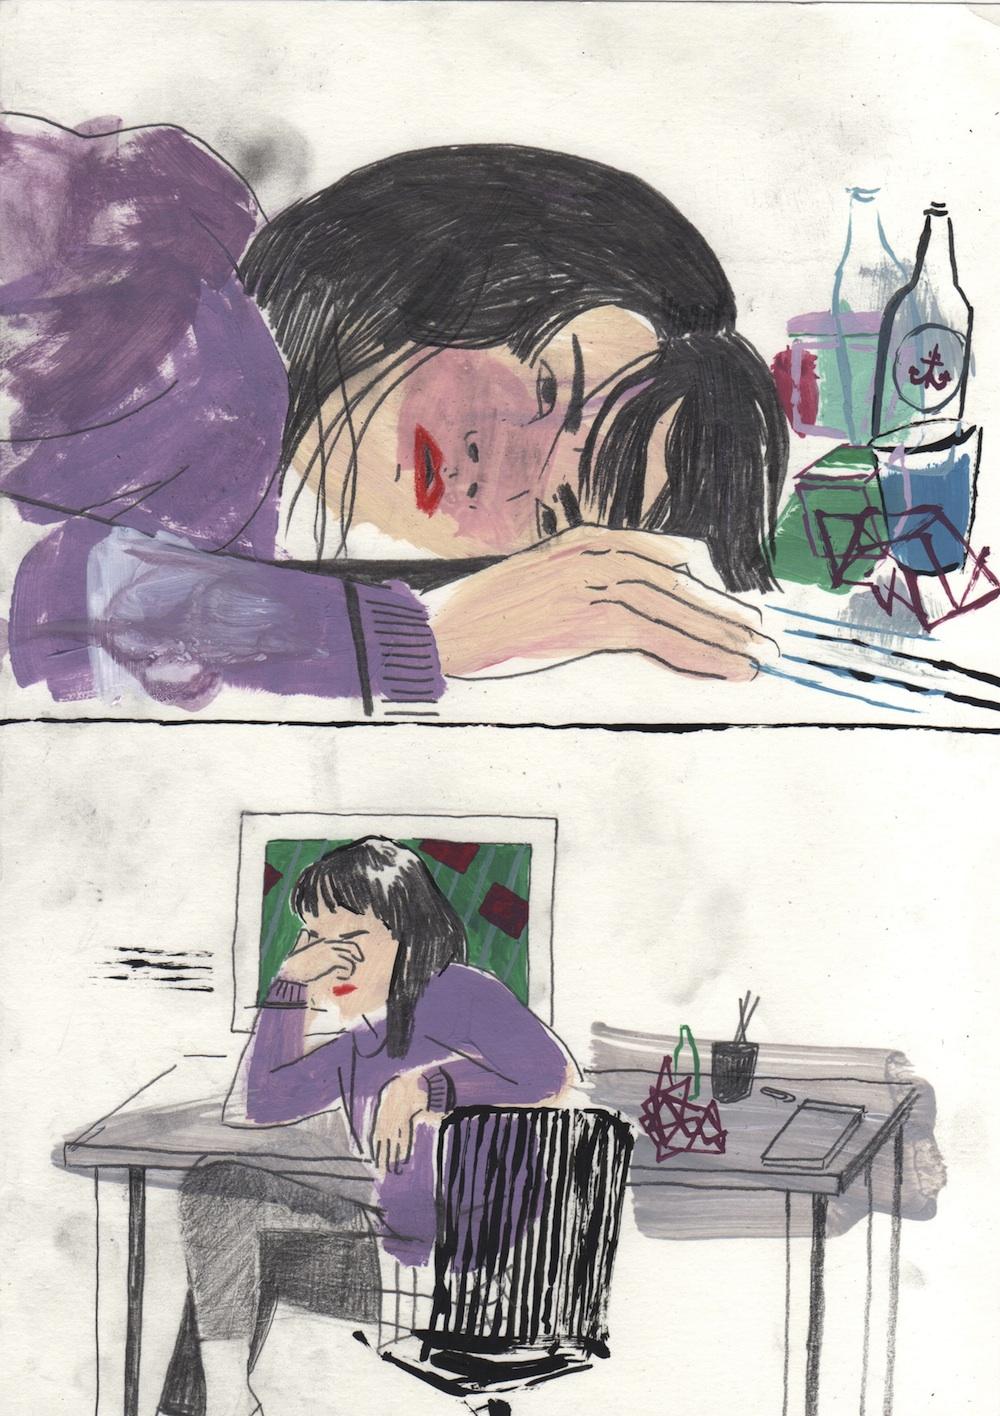 Coppie Miste #3: Silvia Rocchi + Anna Deflorian